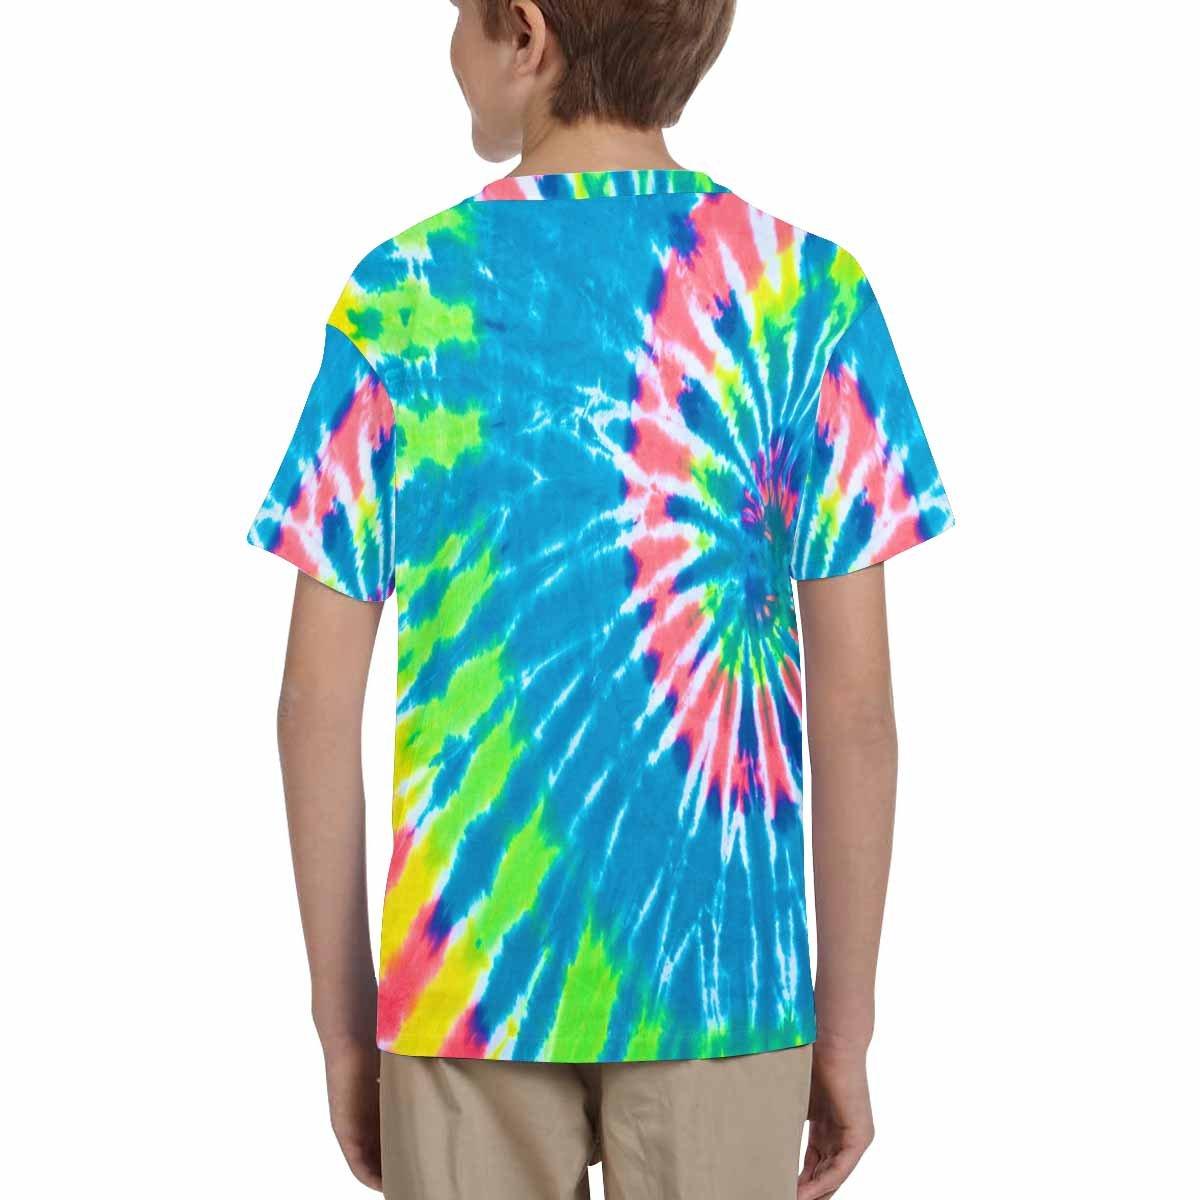 INTERESTPRINT Childs T-Shirt Tie Dye Background XS-XL